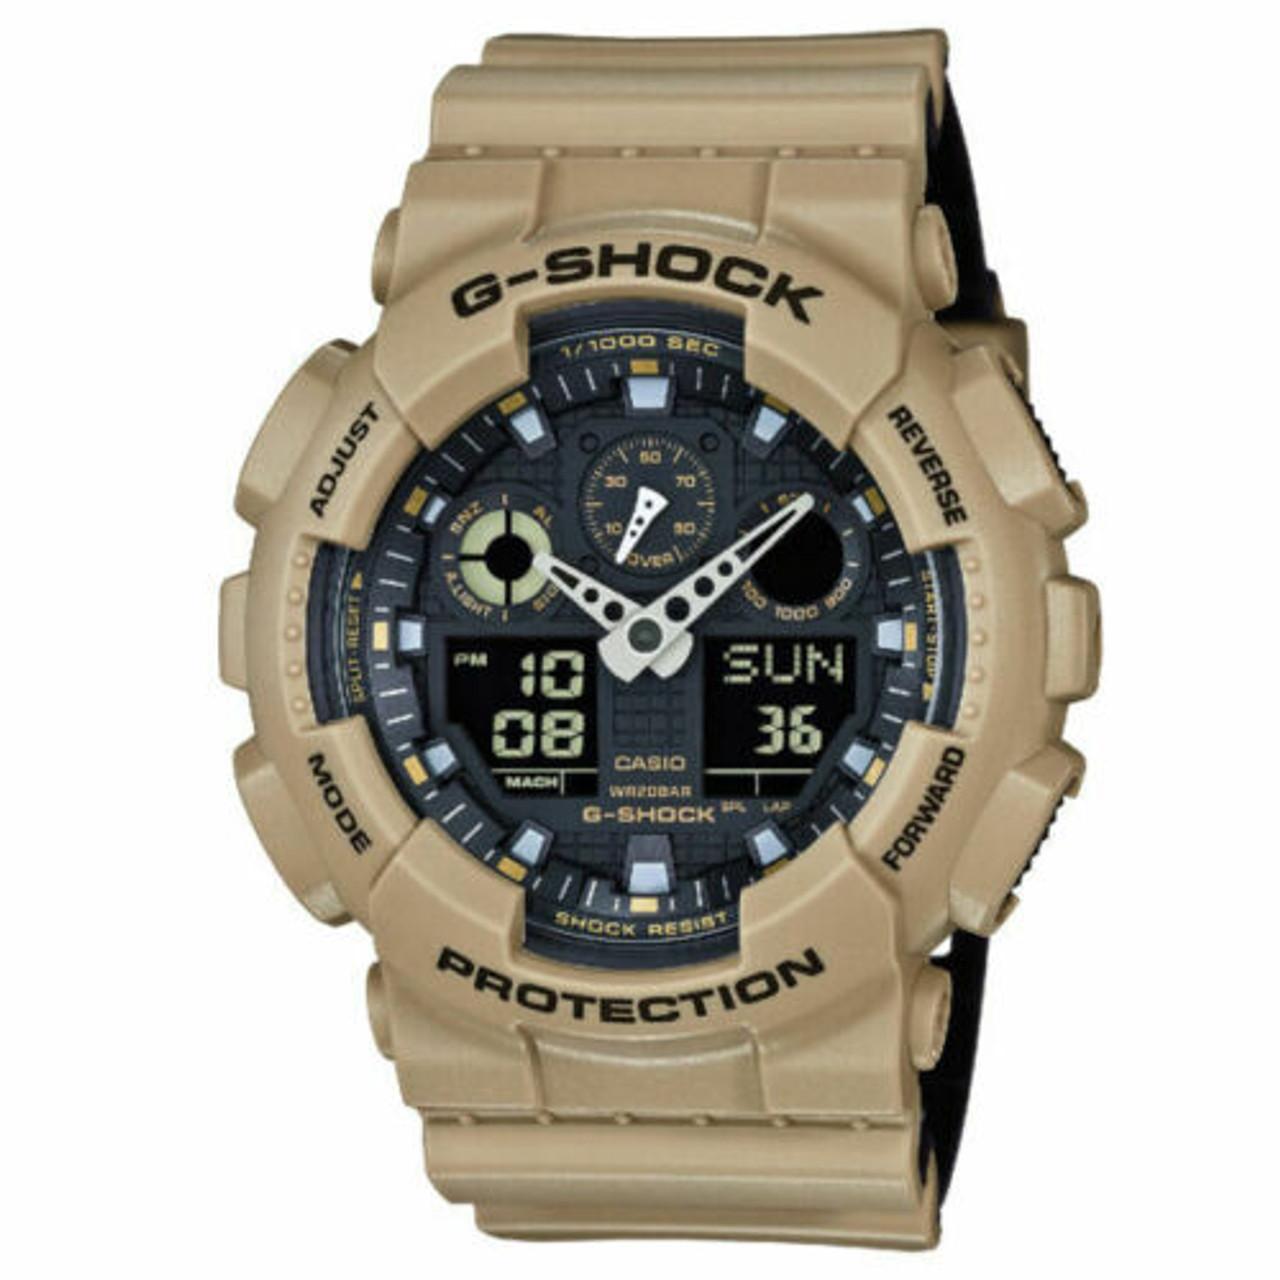 Casio G-Shock GA100L-8A Men's Wrist Watch